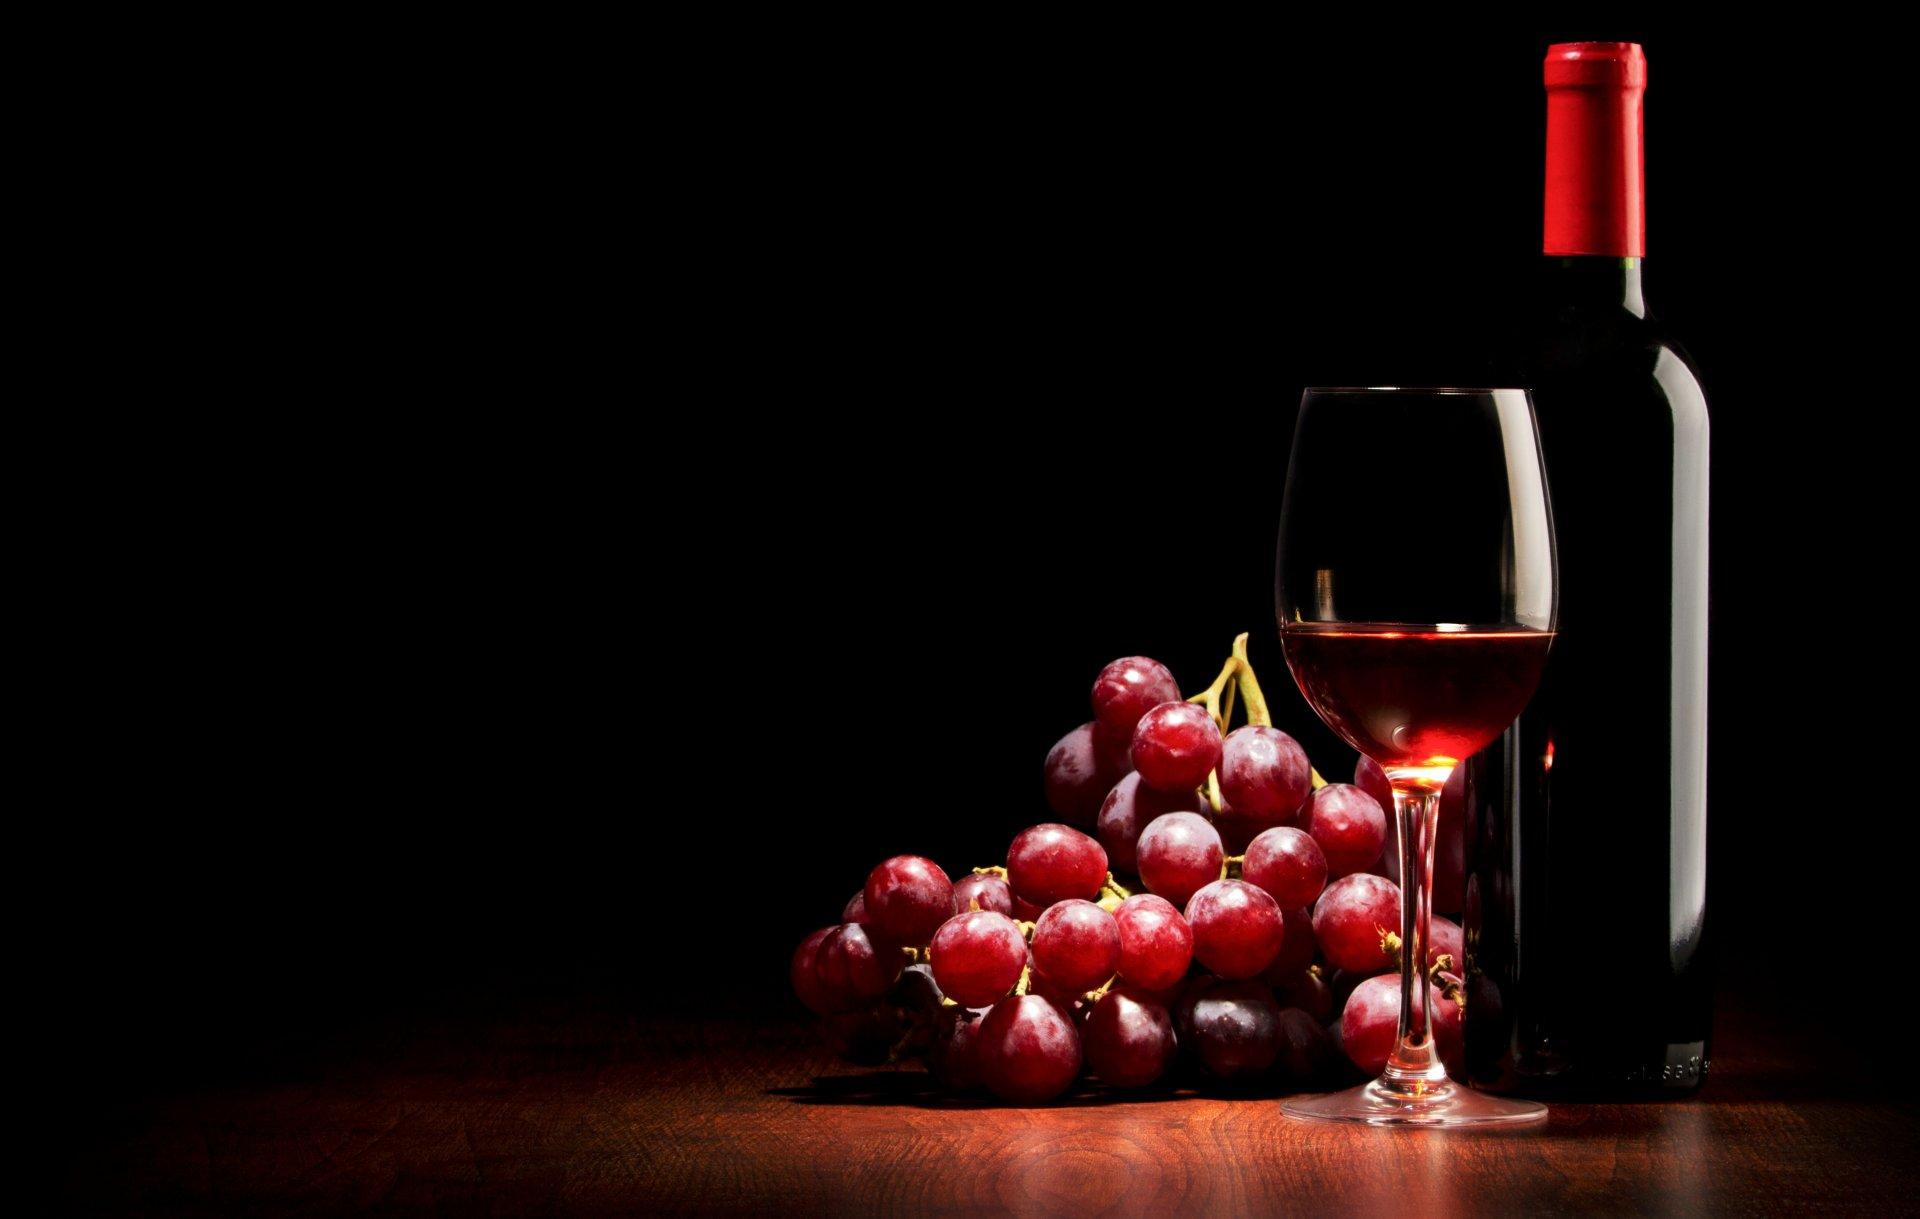 Обои бутылка, стол, бокал, вино, красное. Разное foto 14